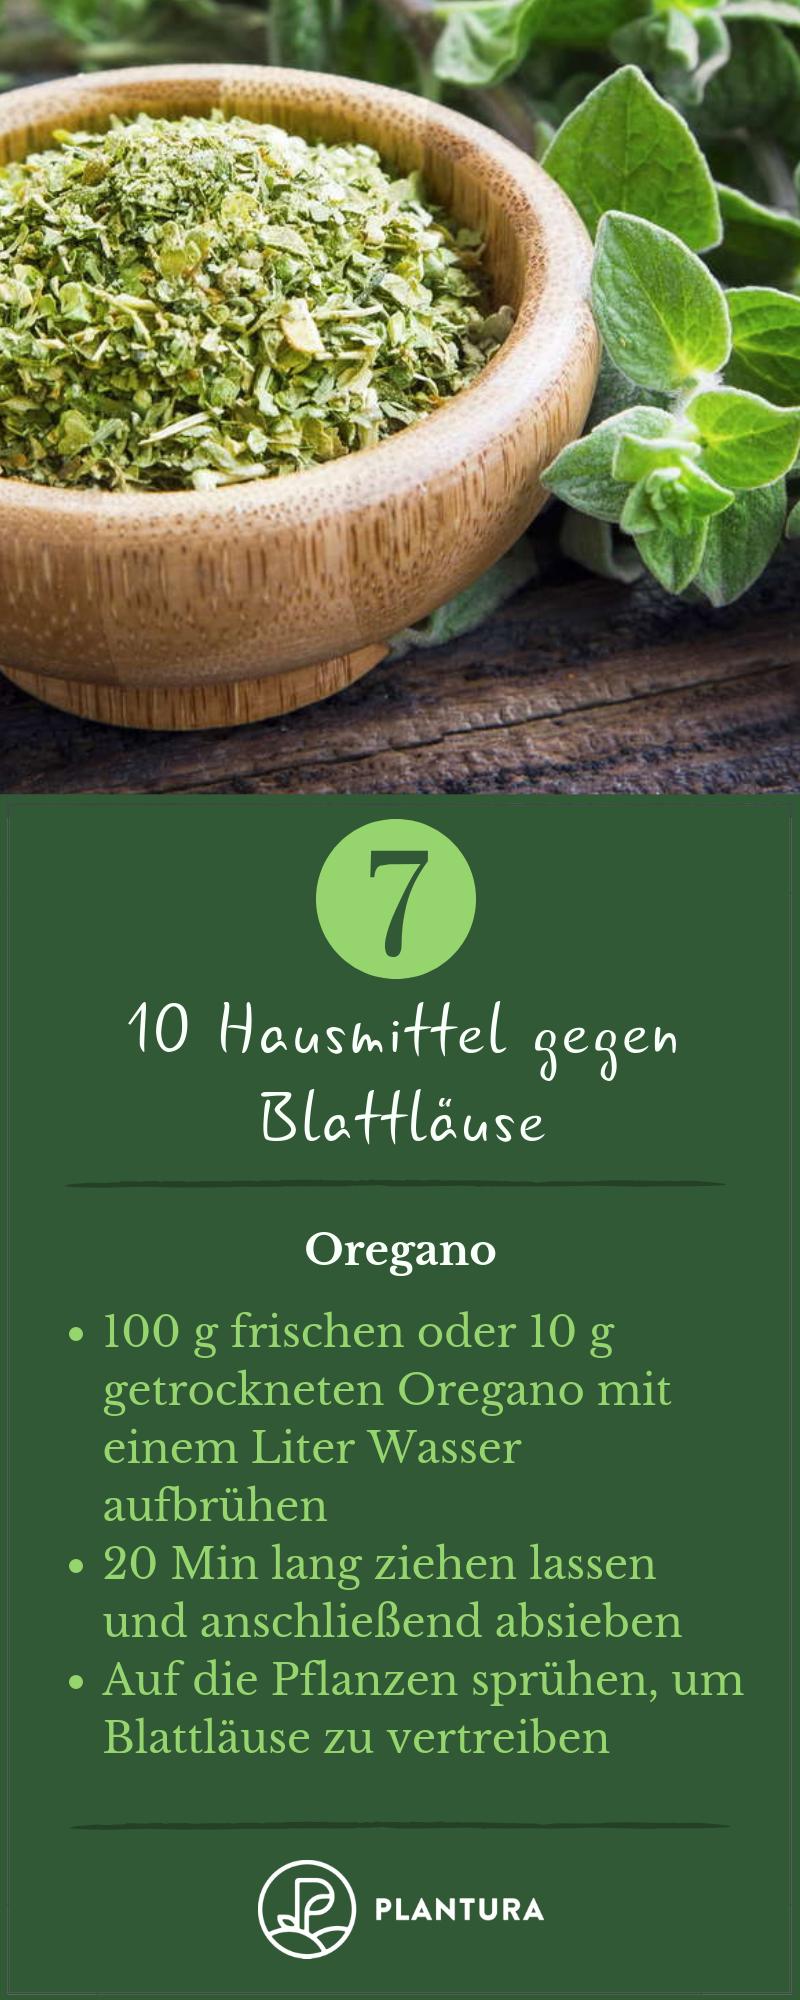 Hausmittel gegen Blattläuse: Die 10 besten Tricks - Plantura